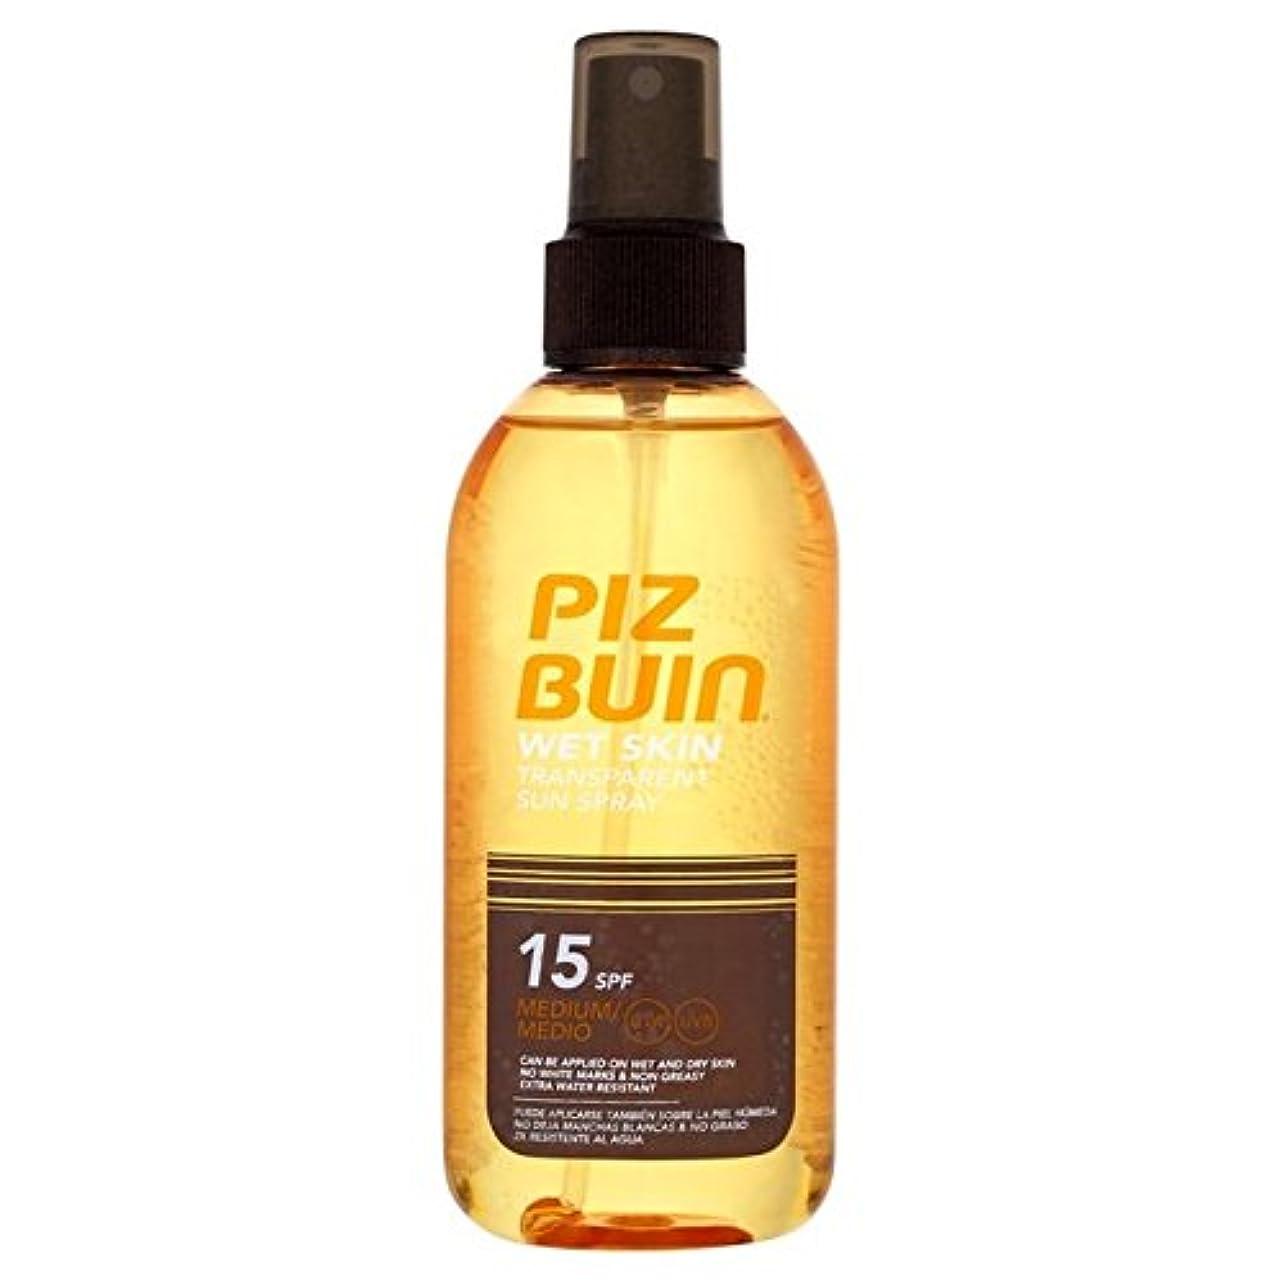 防止自由わがままピッツブーインの湿った透明肌15の150ミリリットル x2 - Piz Buin Wet Transparent Skin SPF15 150ml (Pack of 2) [並行輸入品]